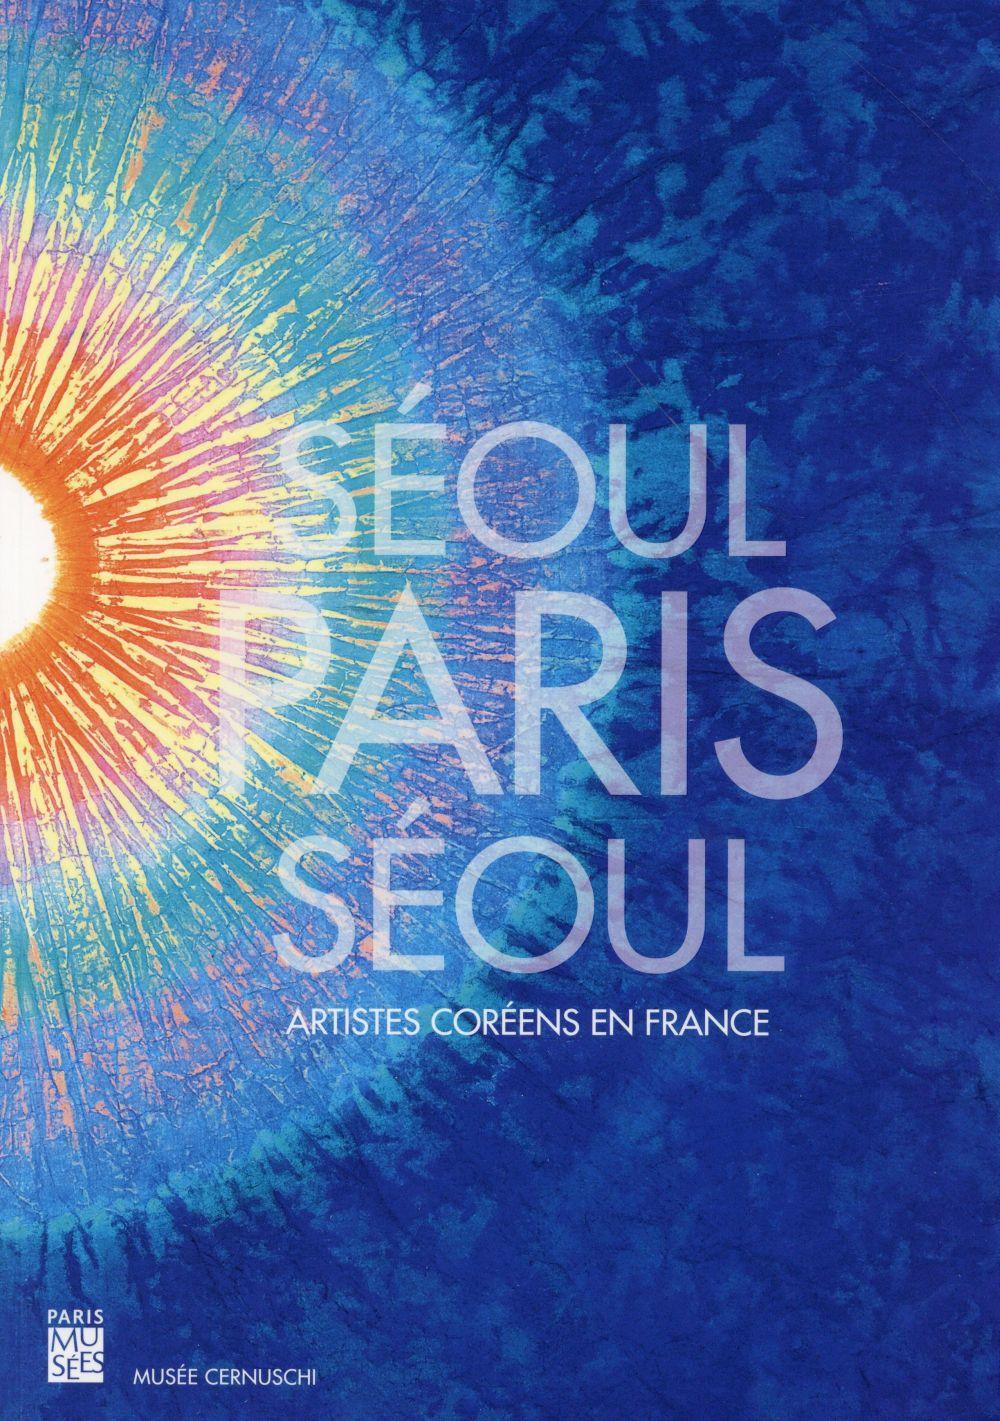 Séoul - Paris - Séoul ; artistes coréens en France